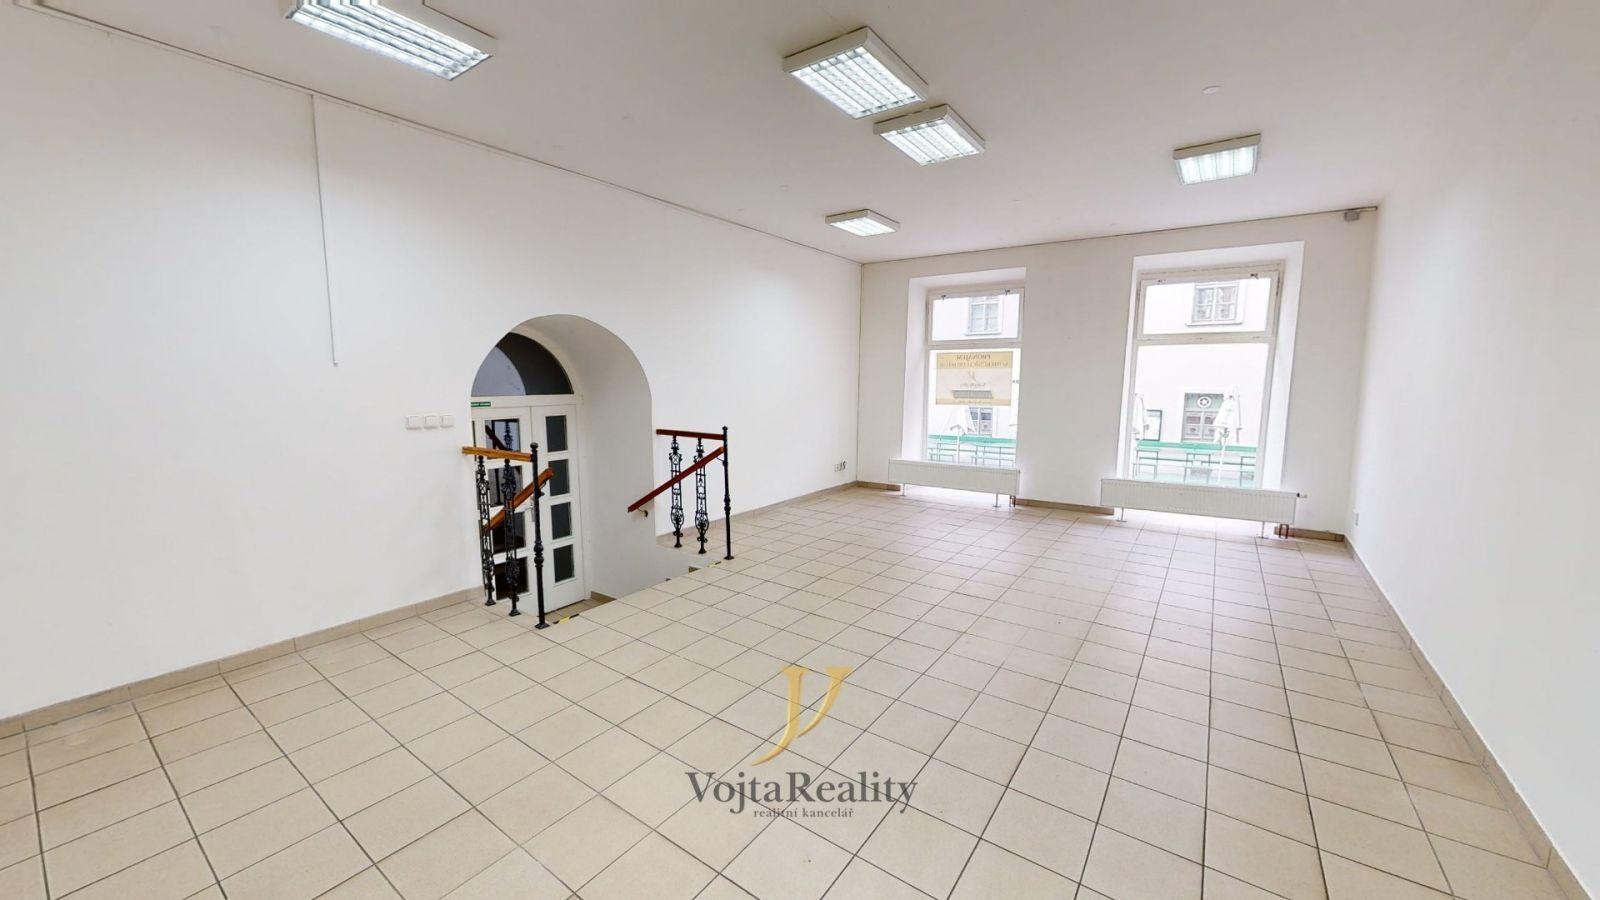 Pronájem, Obchodní prostory, 84 m2 - Olomouc - Město